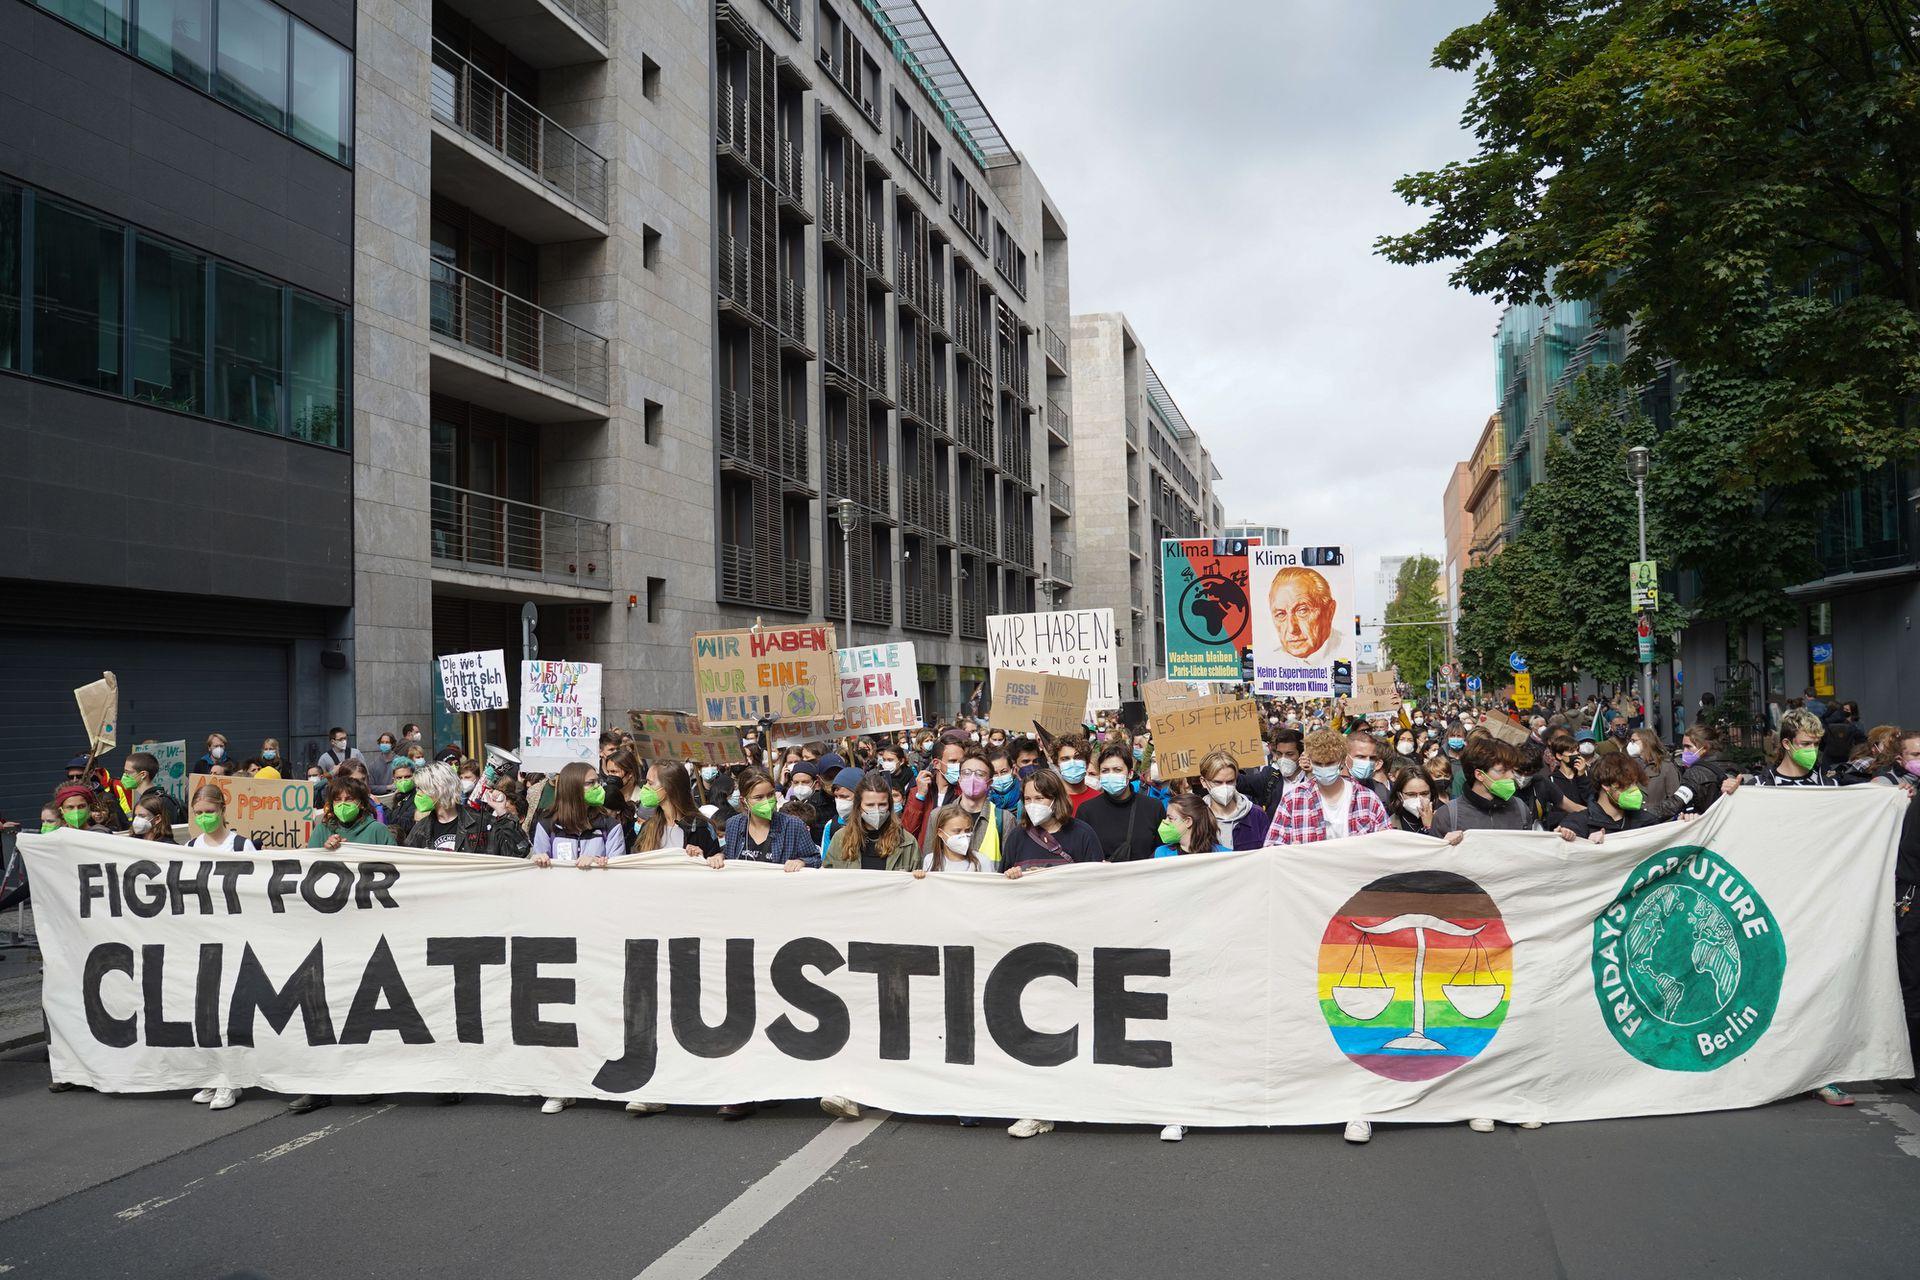 Manifestación organizada por el movimiento Fridays for Future frente al Bundestag alemán poco antes de las elecciones federales